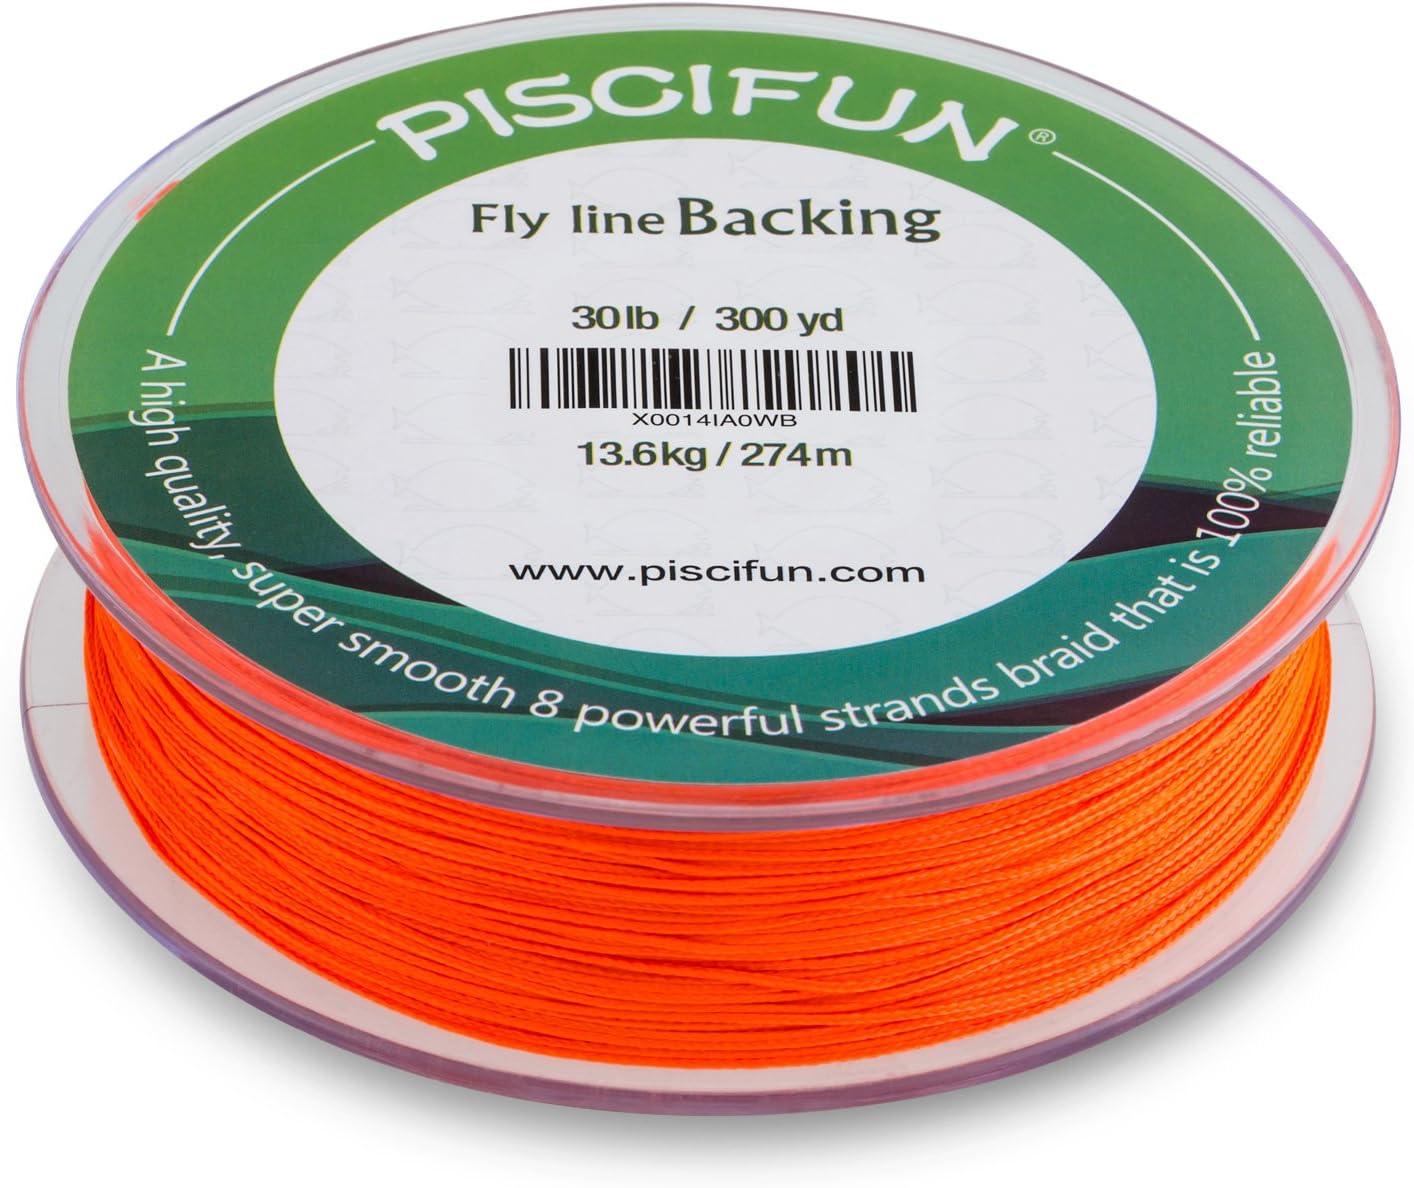 9 kg 9 kg Piscifun Geflochtene Fliegenschnur mit orange-wei/ßem fluoreszierendem Gelb 30 kg 300 m